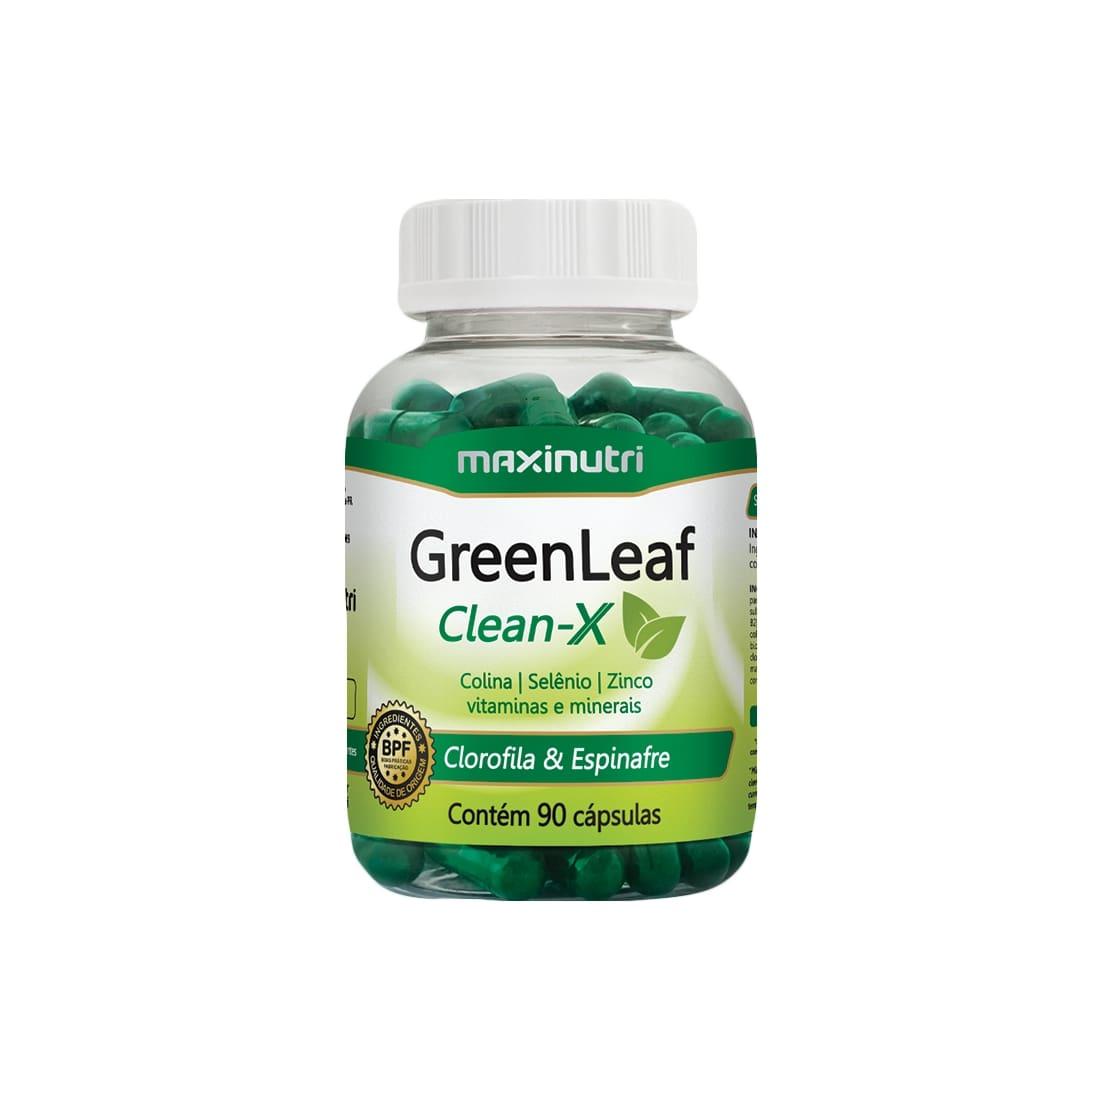 GreenLeaf Clean-X 90 Cápsulas Maxinutri